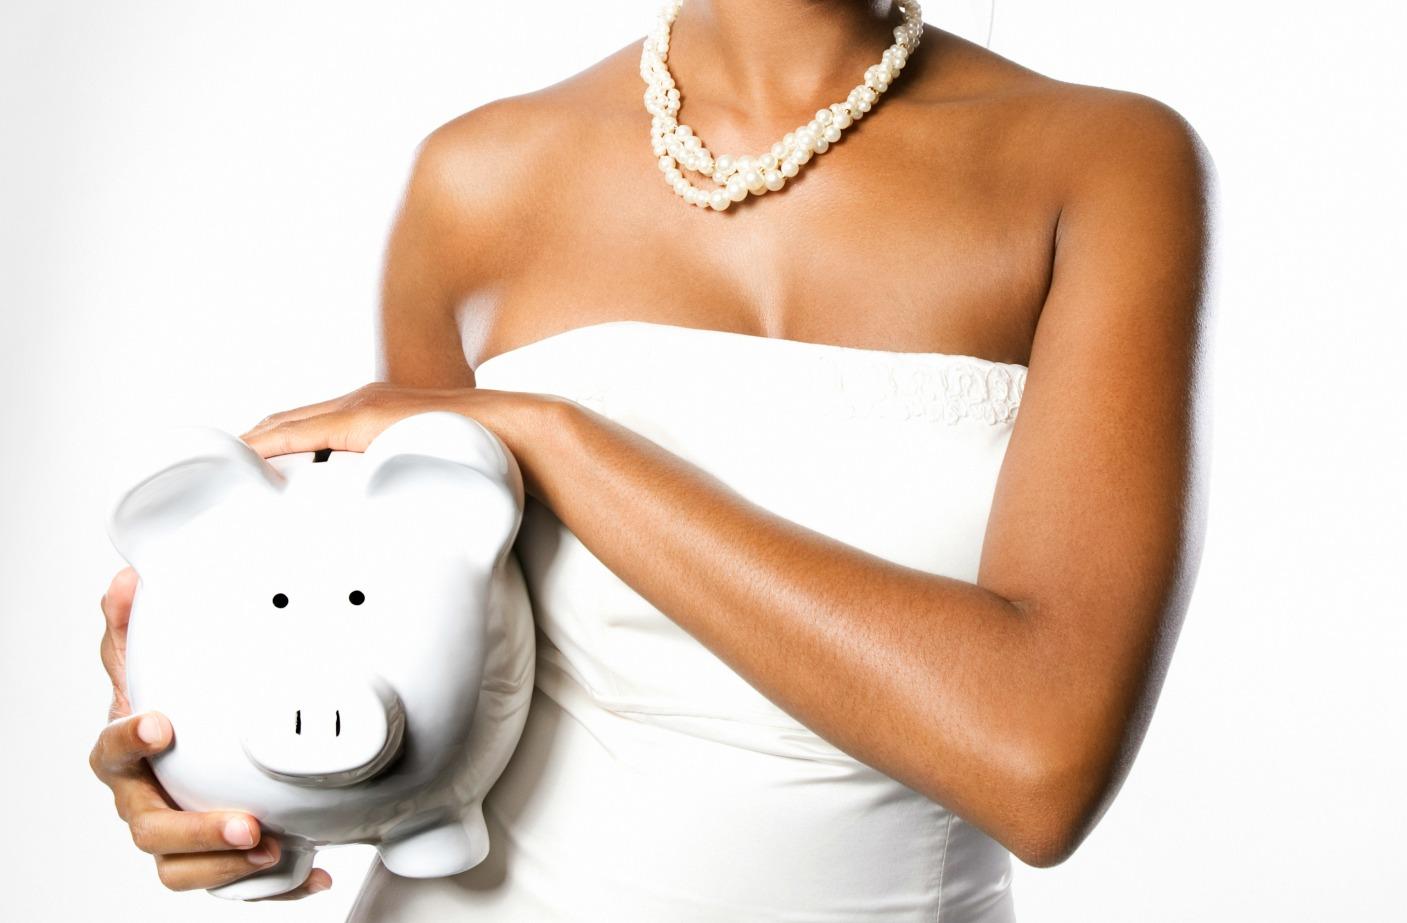 Psiu Noiva - Como Escolher a Data do Casamento – 7 Considerações Importantes